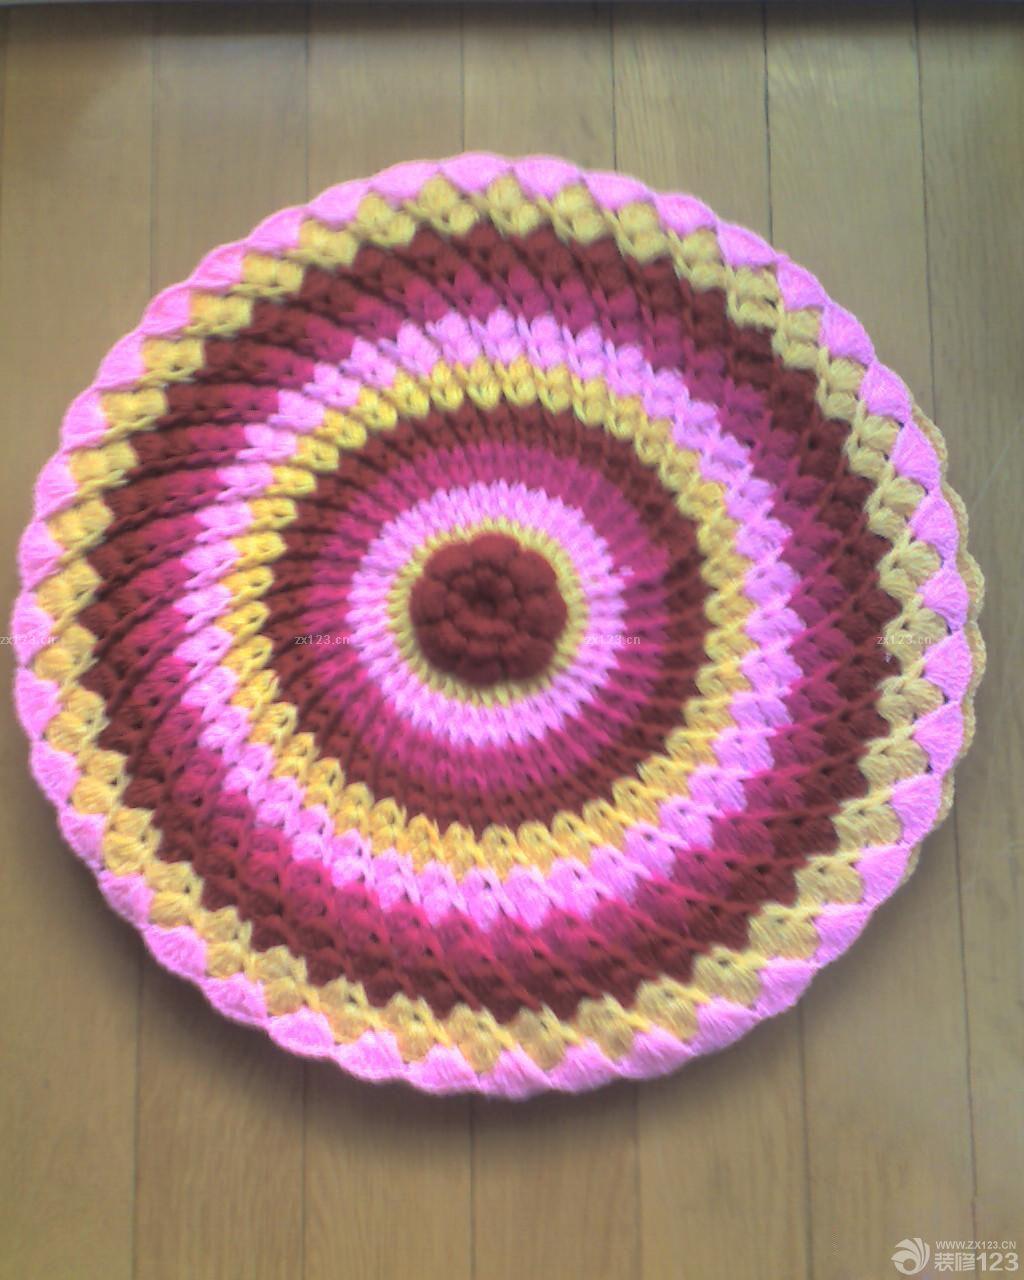 炫彩毛线编织圆形坐垫图片